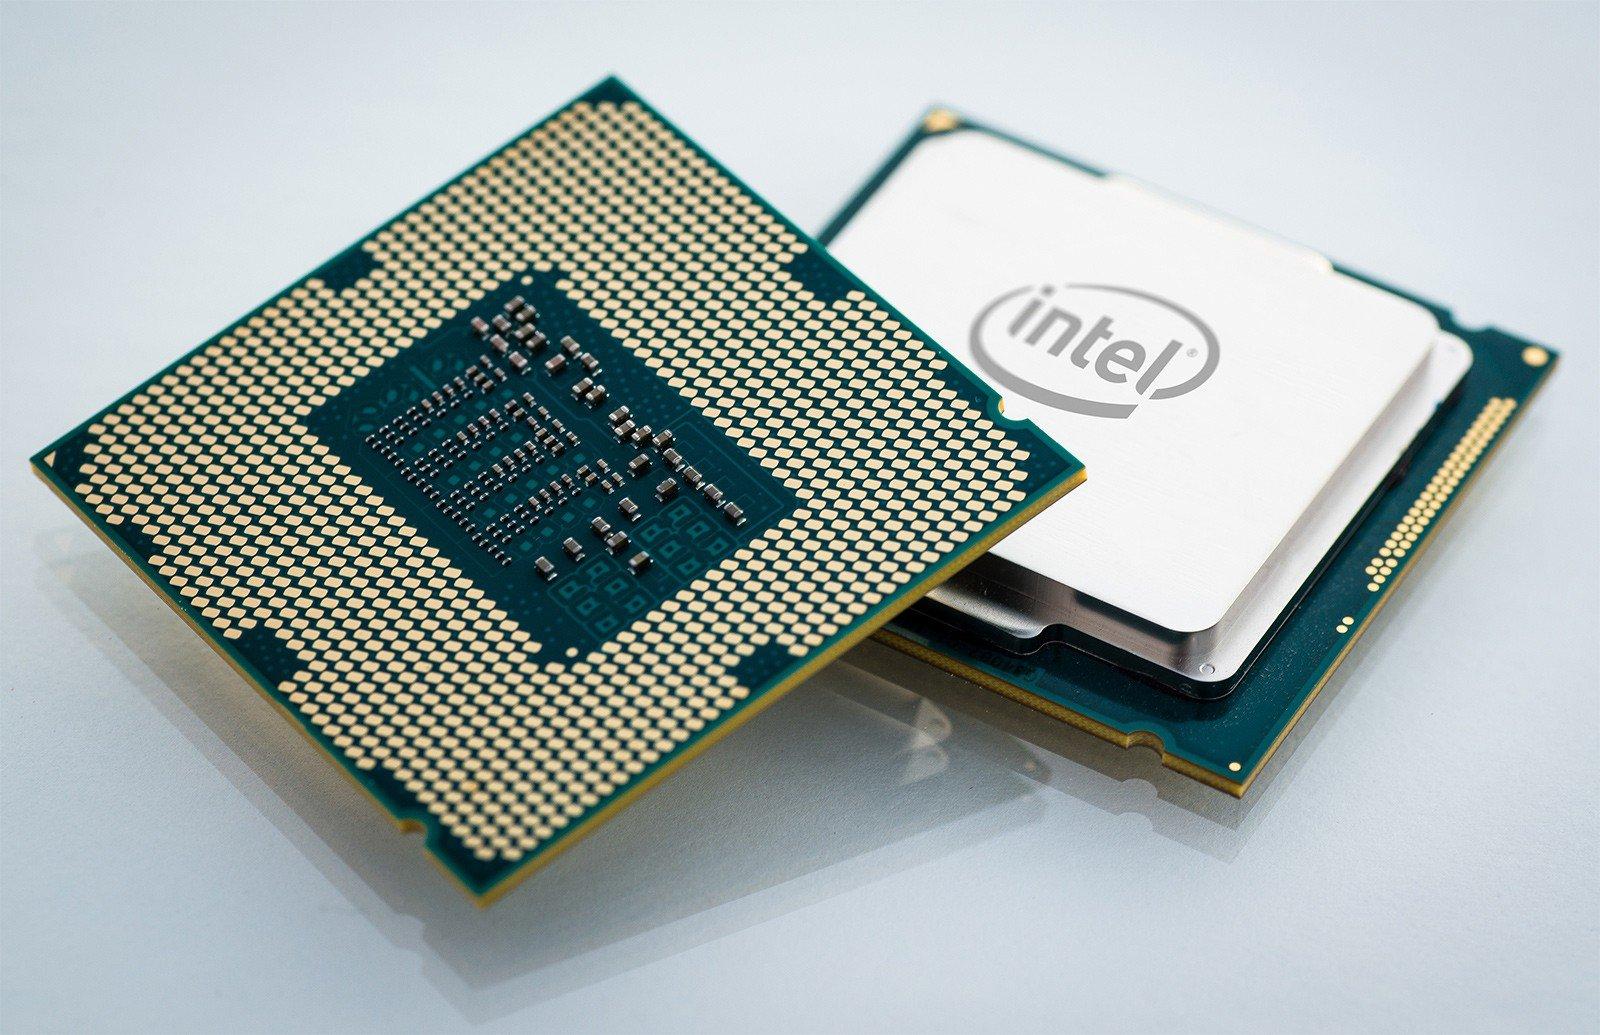 $1,500 dólares por este procesador de última generación